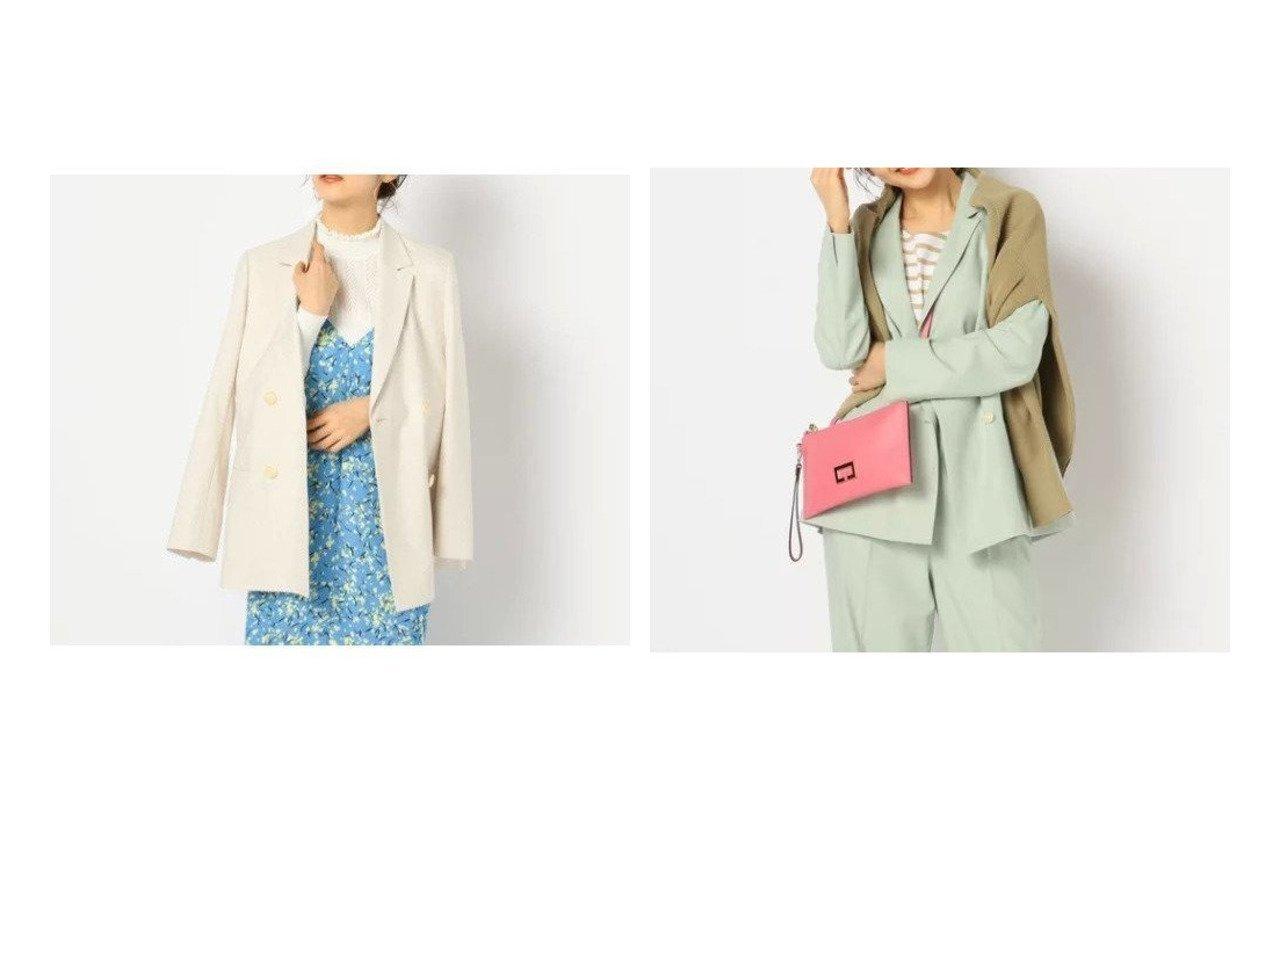 【NOLLEY'S/ノーリーズ】の麻混ダブルジャケット アウターのおすすめ!人気、トレンド・レディースファッションの通販 おすすめで人気の流行・トレンド、ファッションの通販商品 メンズファッション・キッズファッション・インテリア・家具・レディースファッション・服の通販 founy(ファニー) https://founy.com/ ファッション Fashion レディースファッション WOMEN アウター Coat Outerwear ジャケット Jackets シャンブレー ジャケット ストレッチ セットアップ ダブル テーラード リネン |ID:crp329100000015376